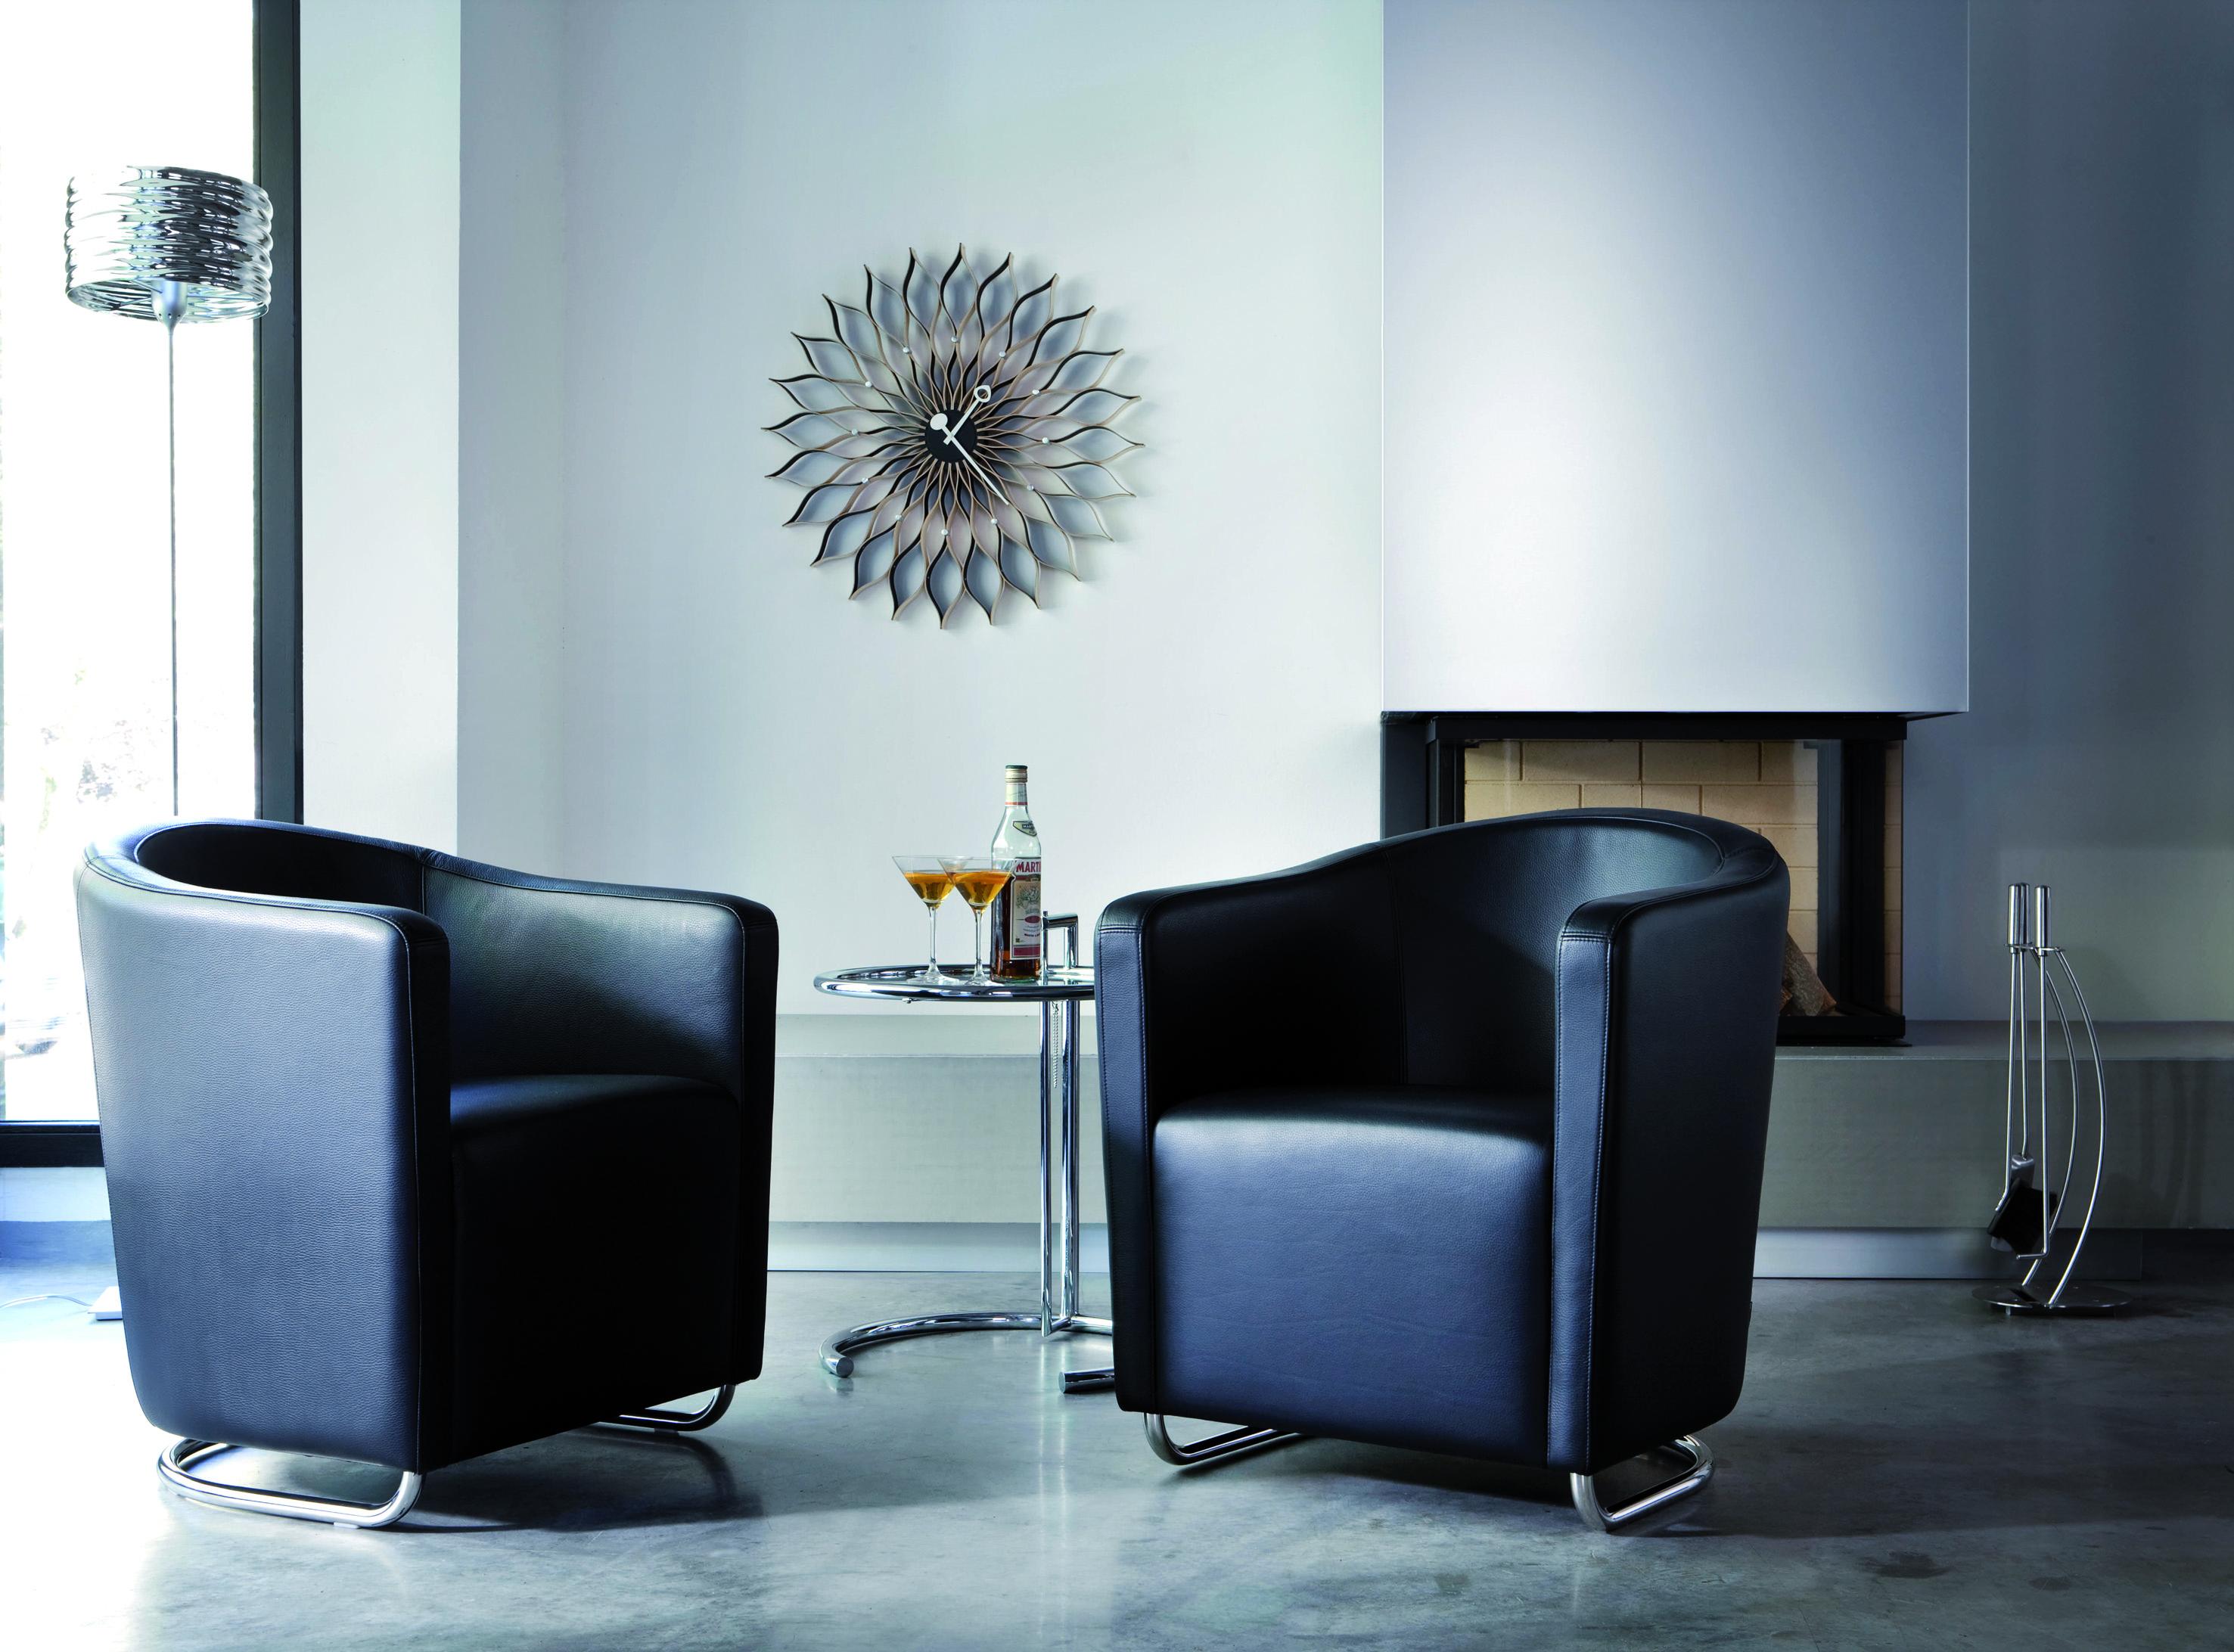 m bel bw bielefelder werkst tten und ipdesign maler buban. Black Bedroom Furniture Sets. Home Design Ideas